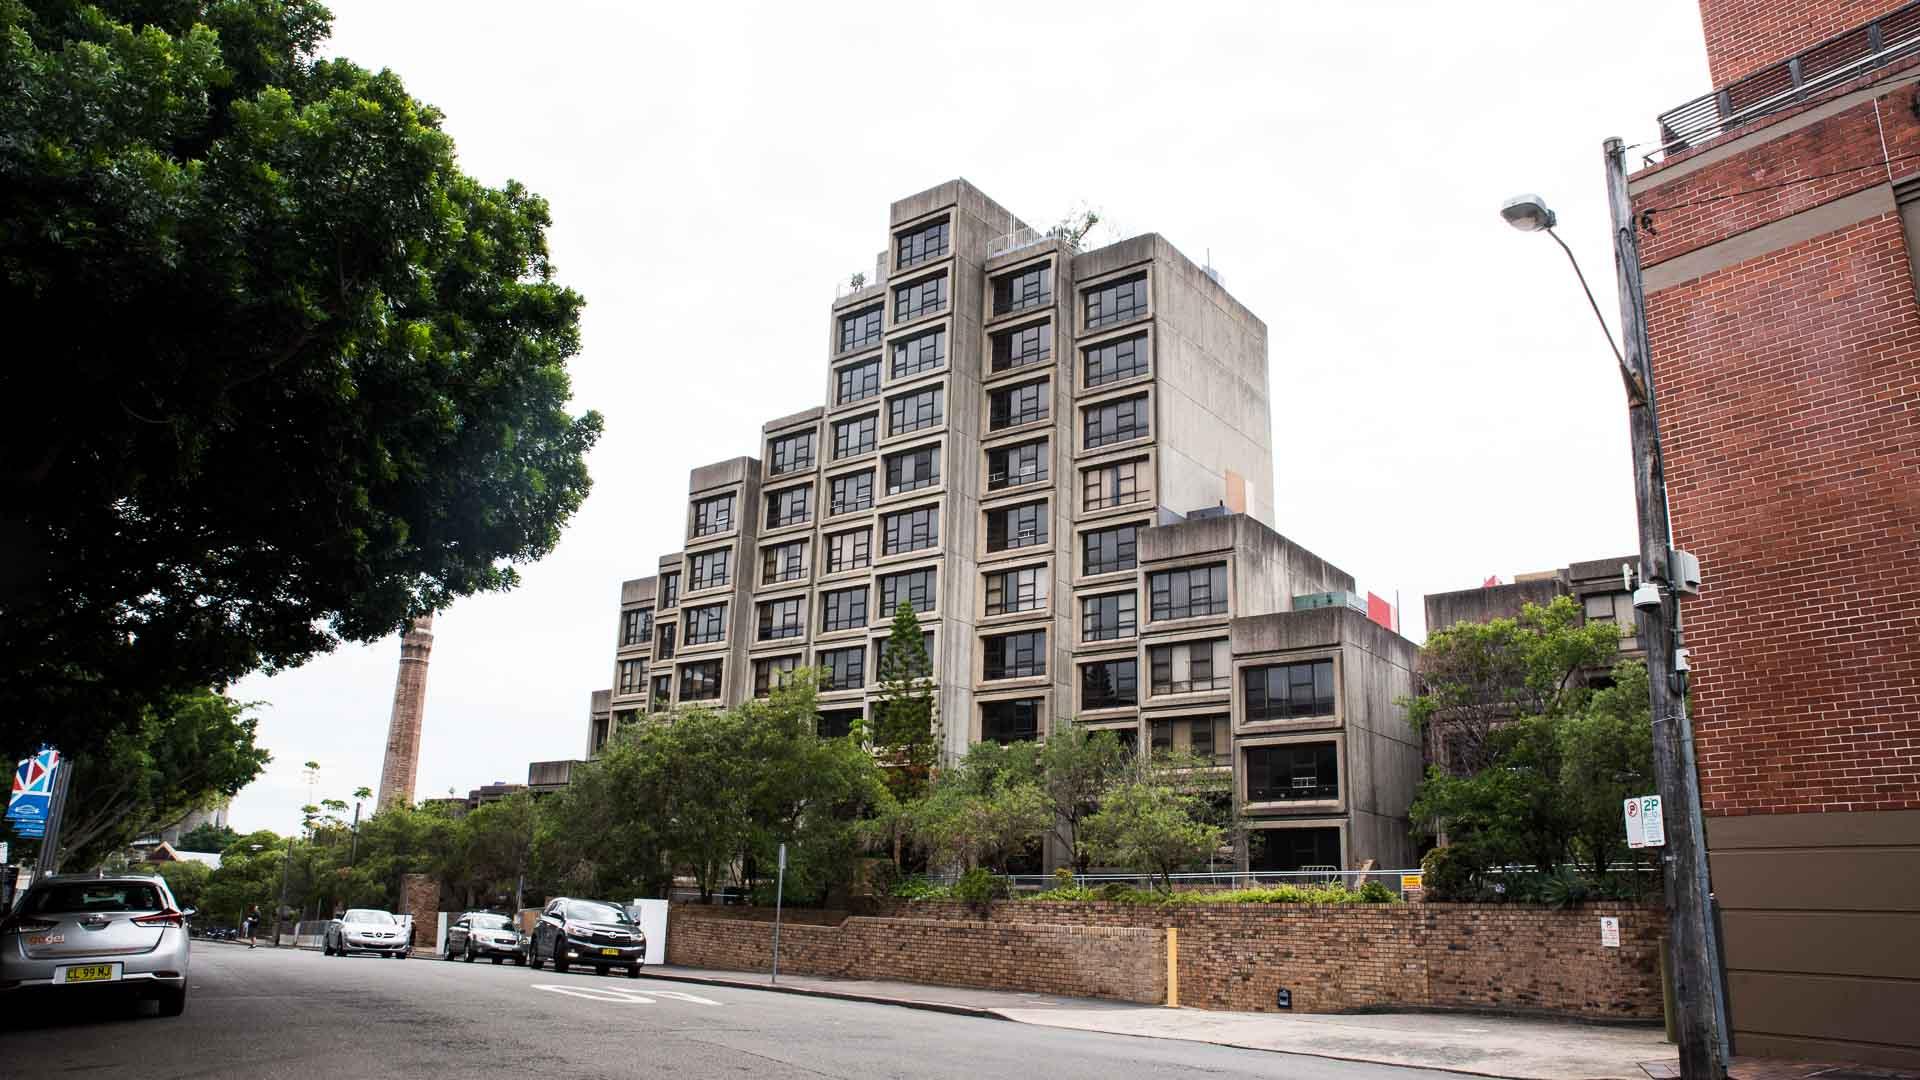 Sirius - 10 tòa nhà đẹp nhất ở Sydney